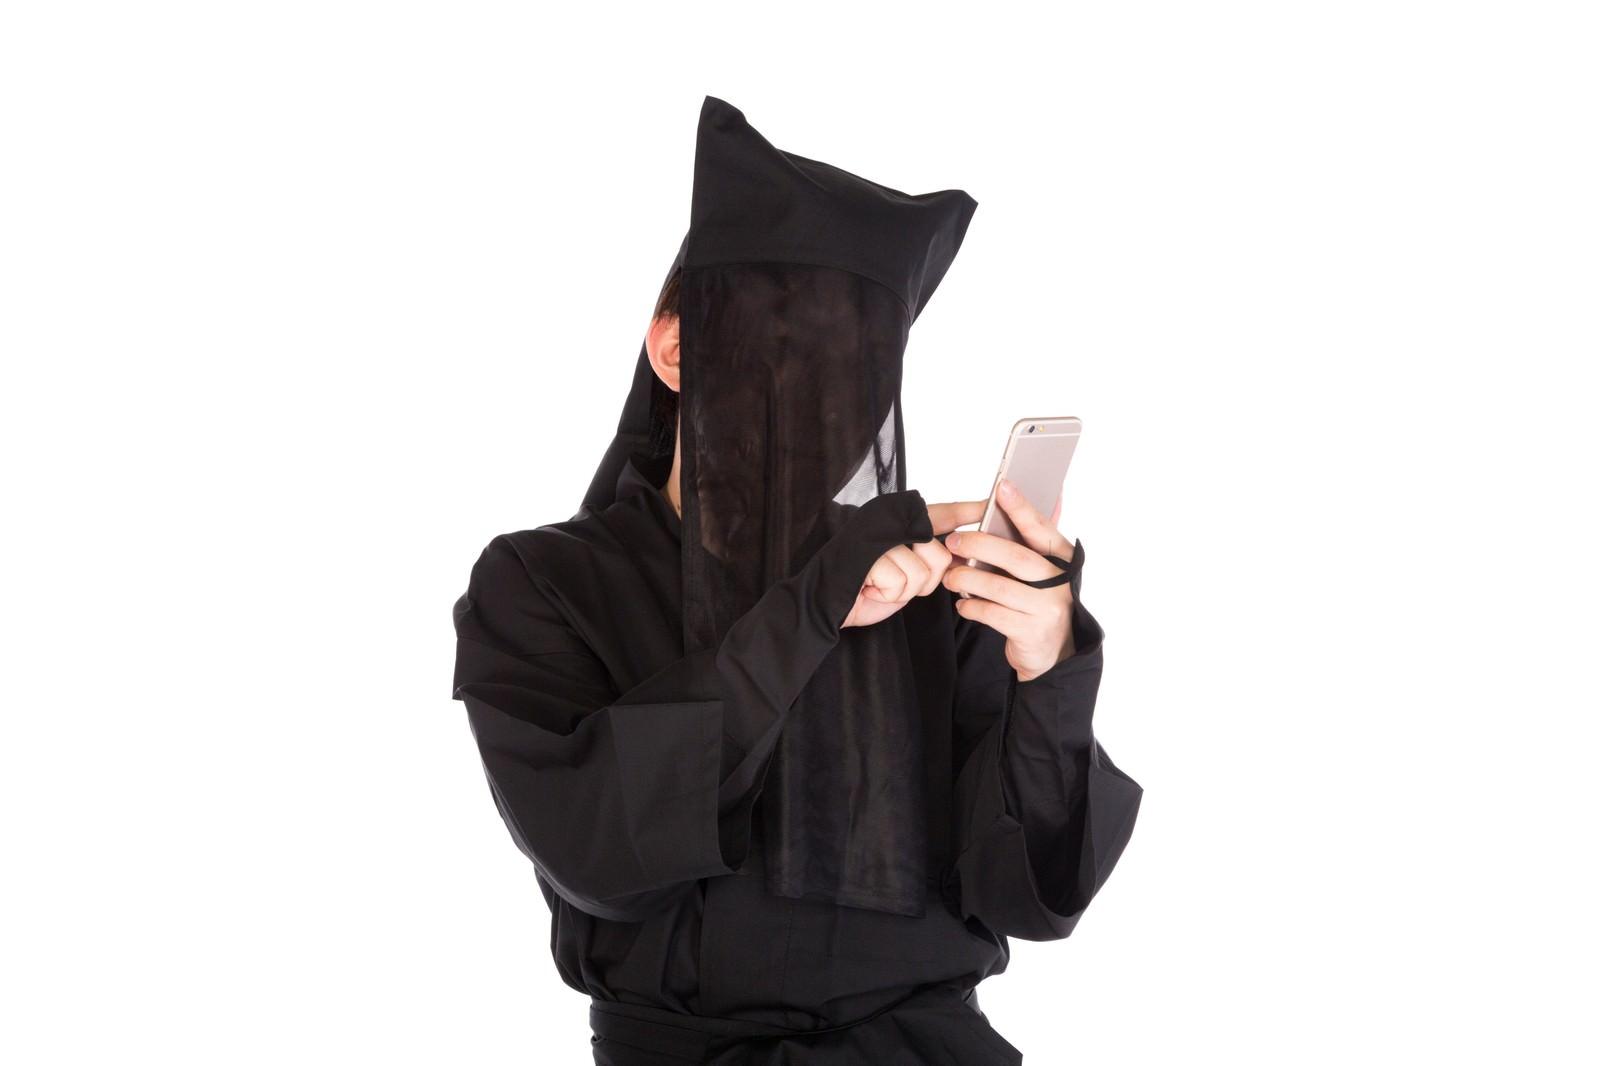 「黒子でエゴサをかけるも某アニメで埋め尽くされてしまう」の写真[モデル:鈴木秀]